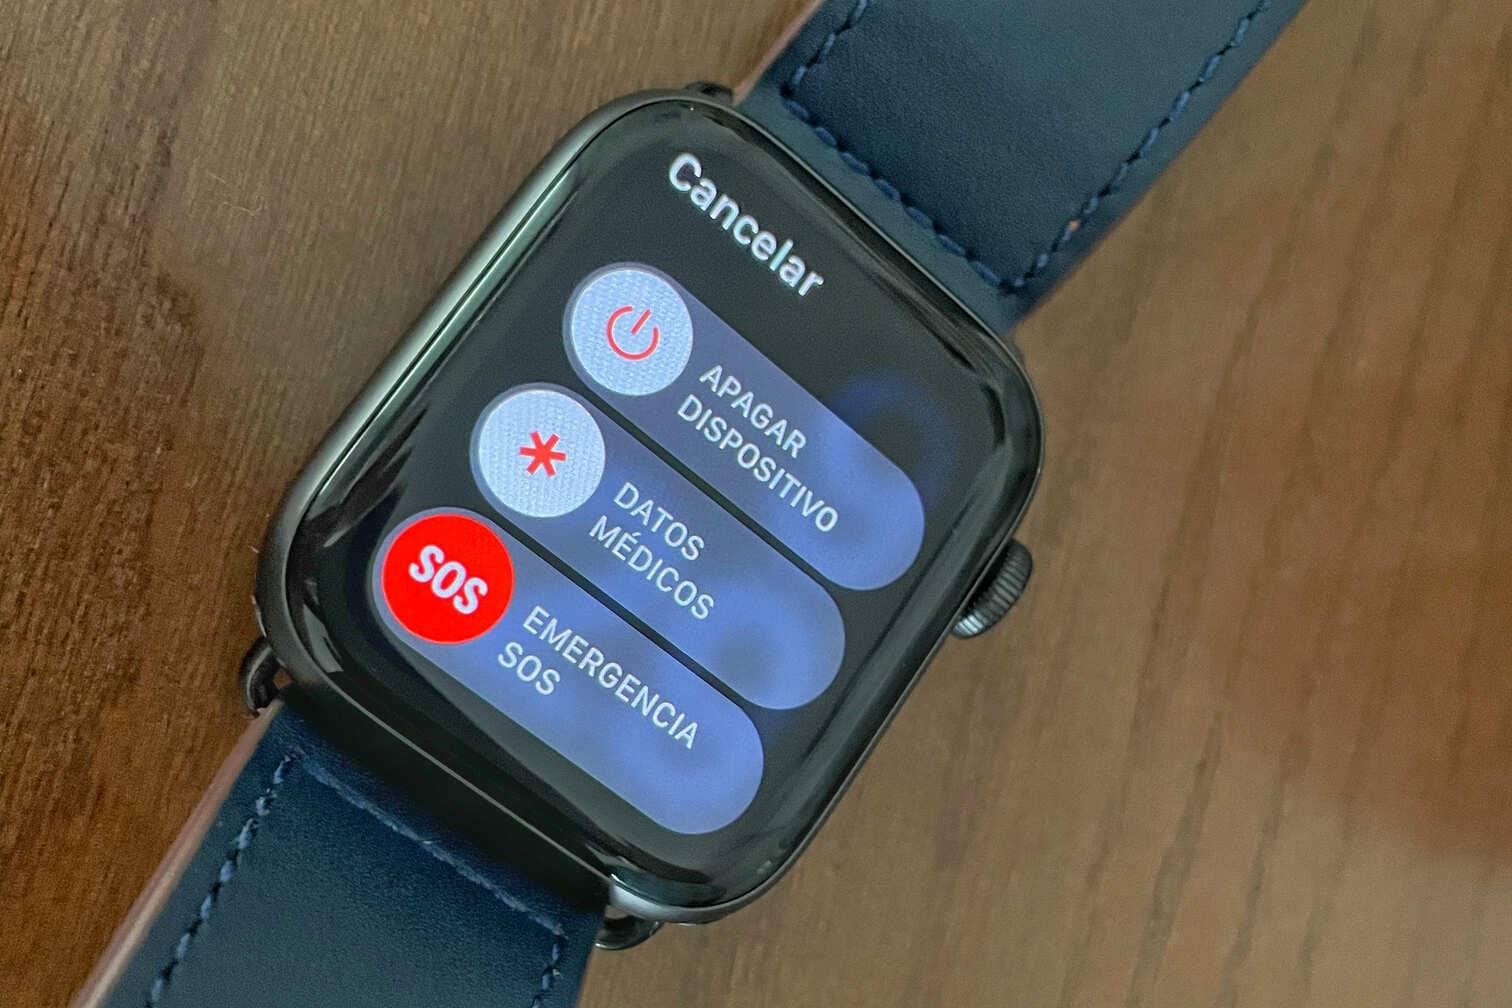 menu-apagado-datos-medicos-y-llamda-emergencia-Apple-Watch